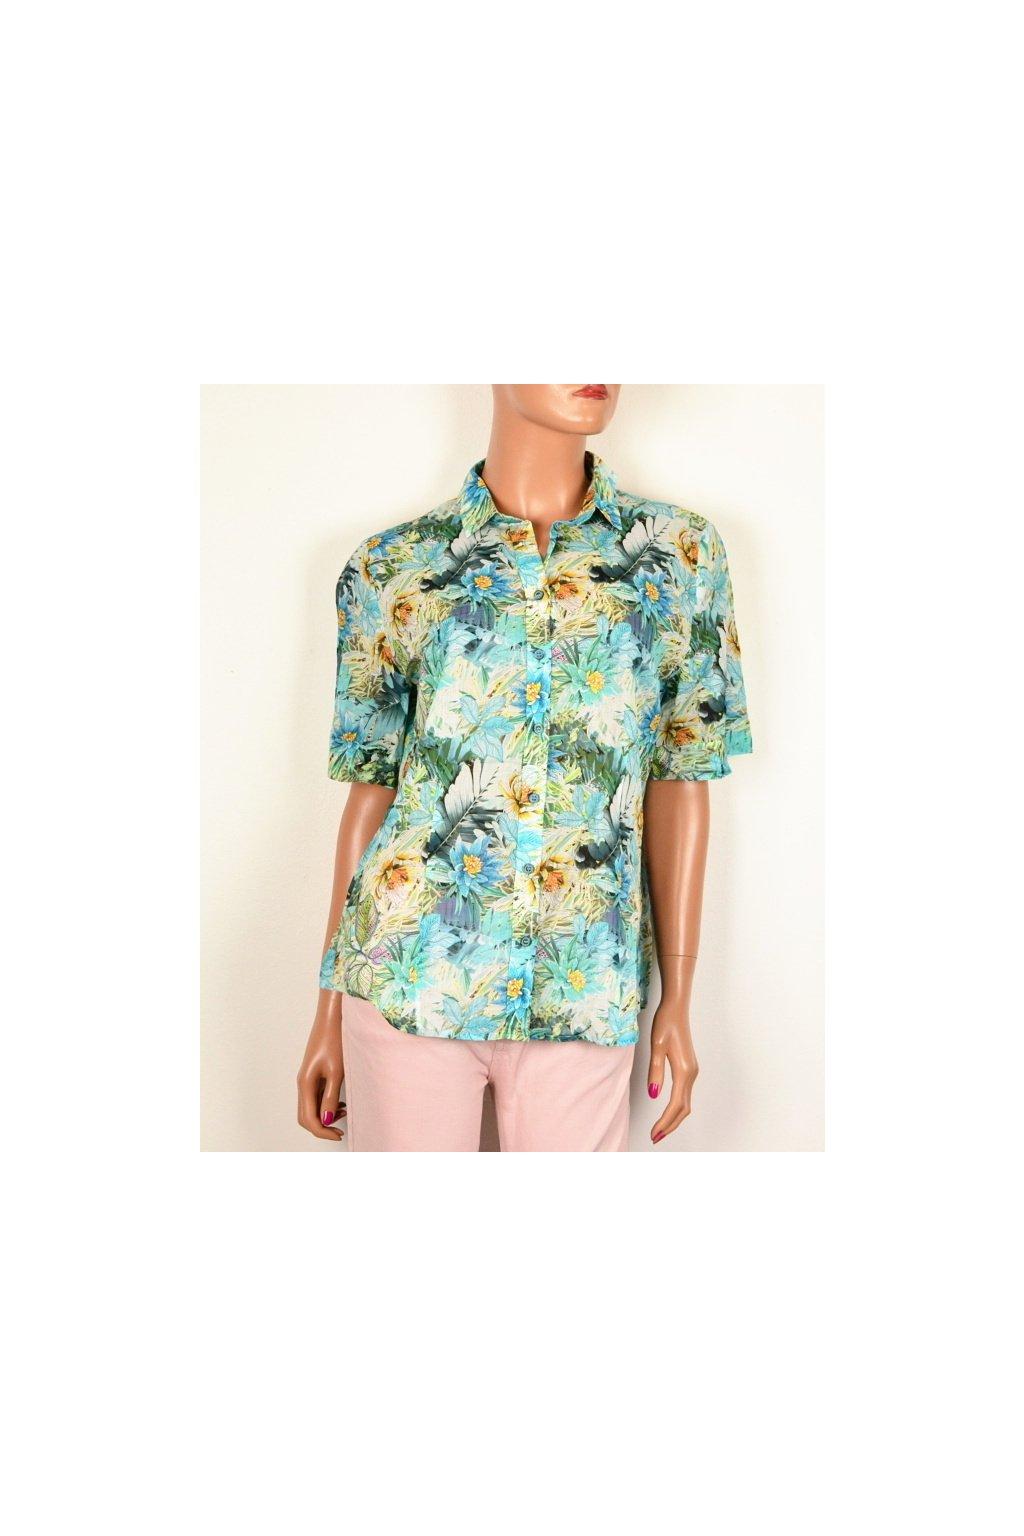 Halenka košile barevná vzor květ vel. 42 - 44 / M - L